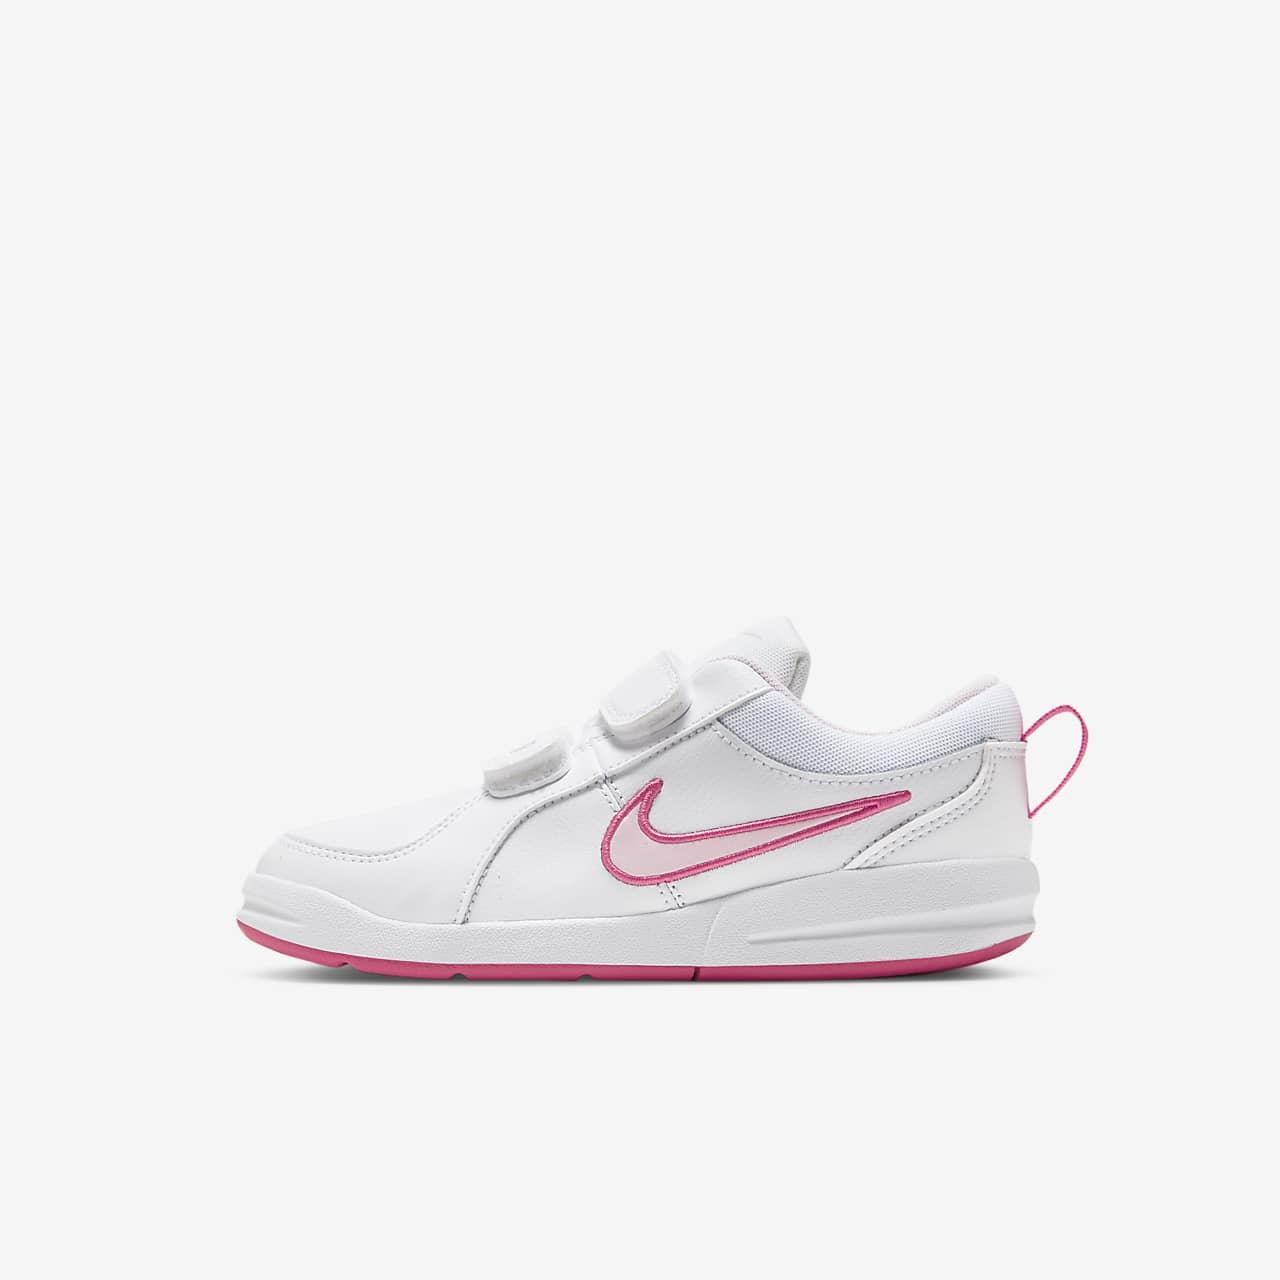 Calzado para niña Nike Pico 4 (16,5-22 cm)